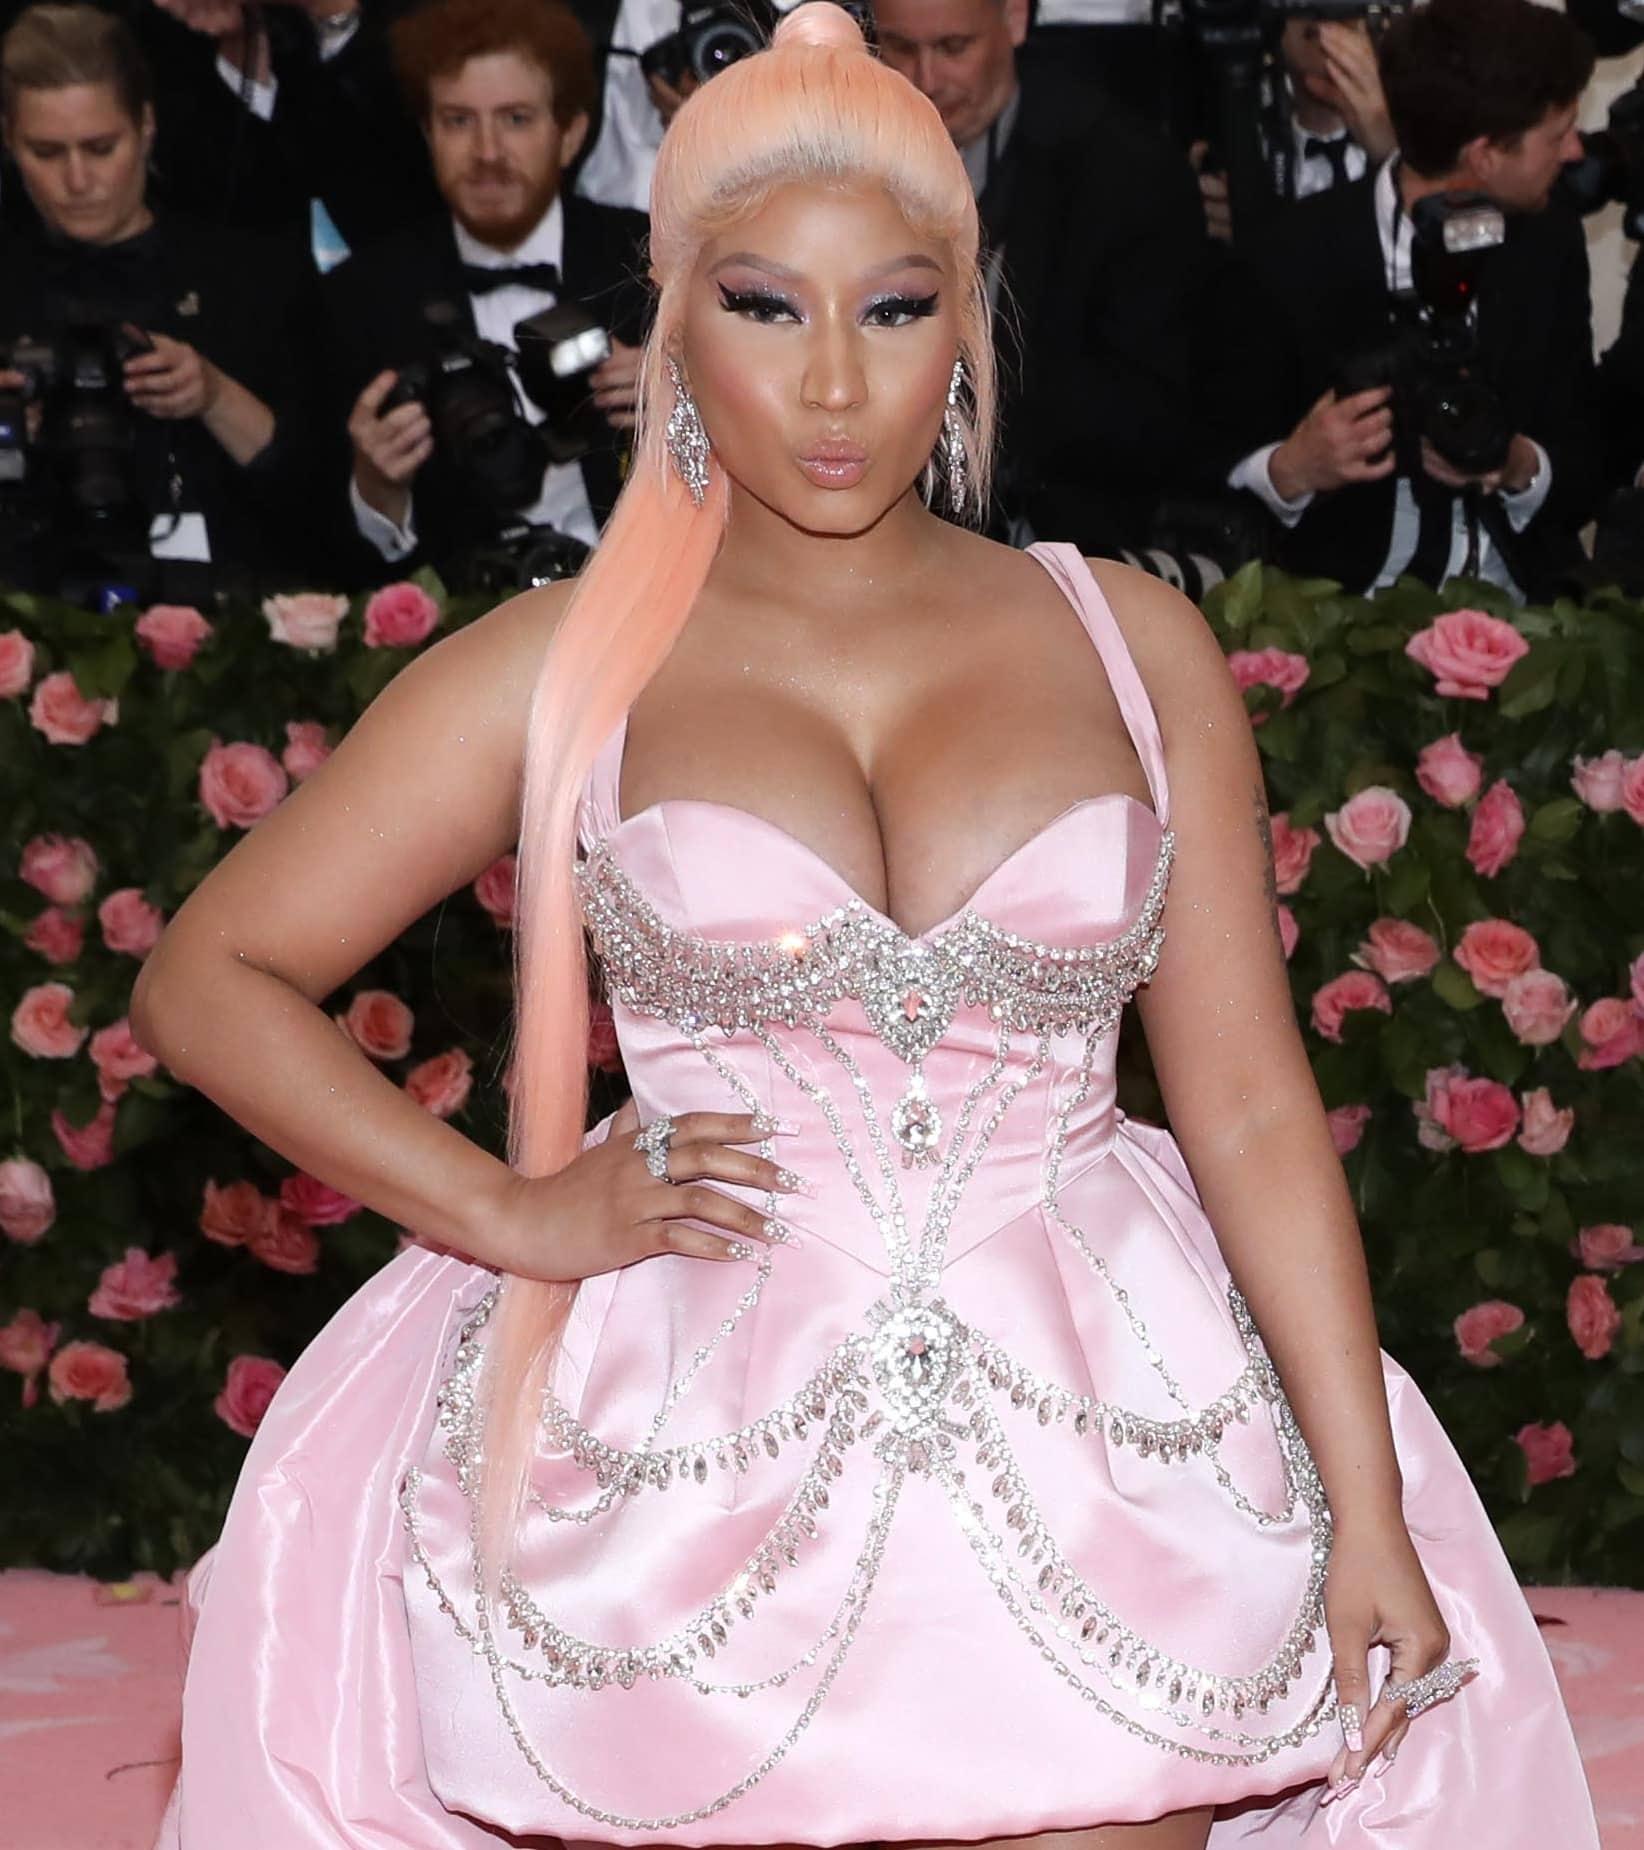 Nicki Minaj looked sad in a crystal-embellished Prabal Gurung blush dress